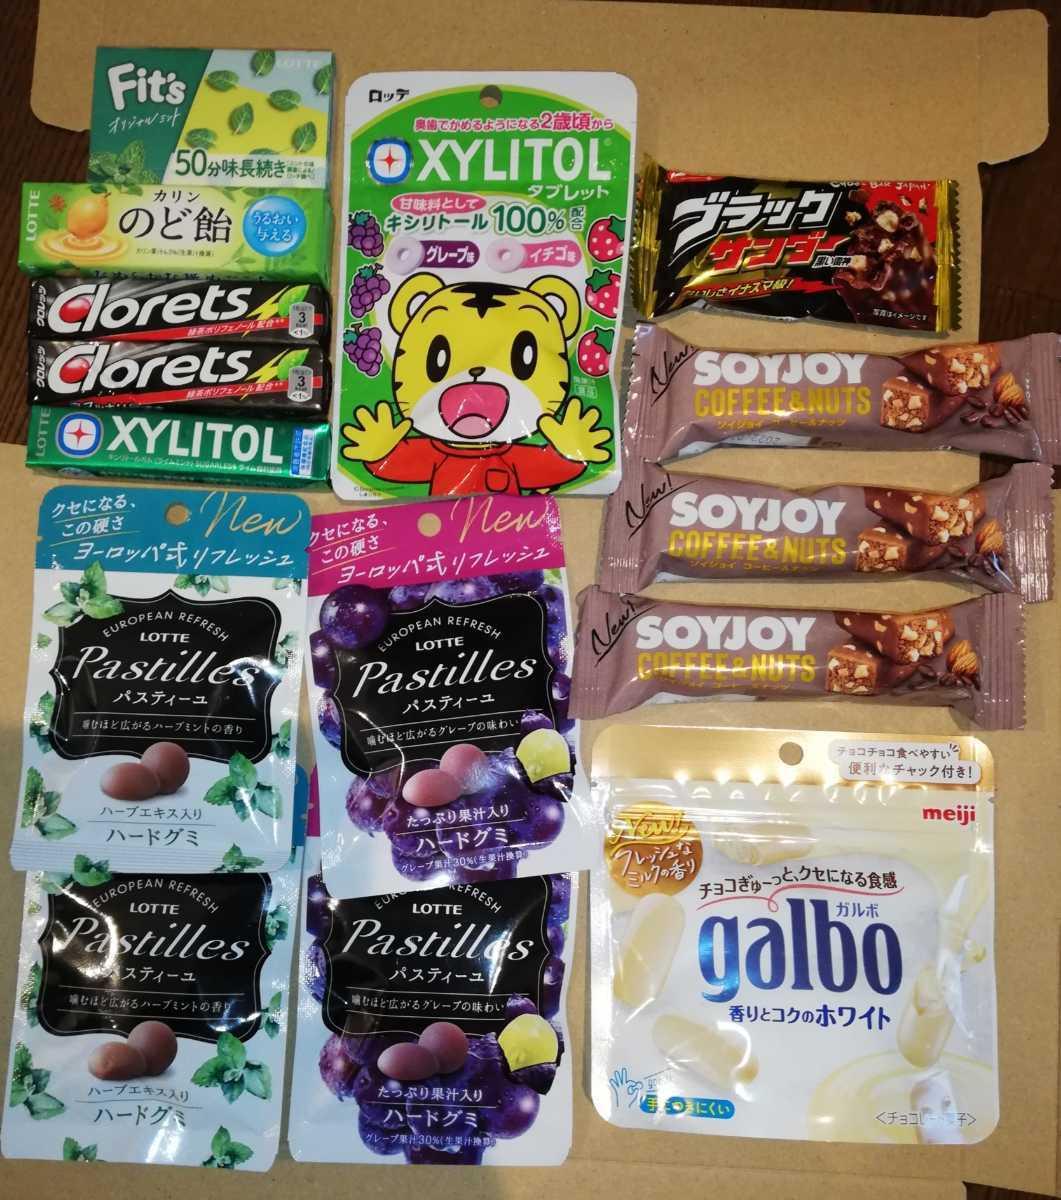 お菓子 いろいろ 詰め合わせセット ハードグミ キャンデー ガム タブレット チョコレート ガルボ ソイジョイ_画像1